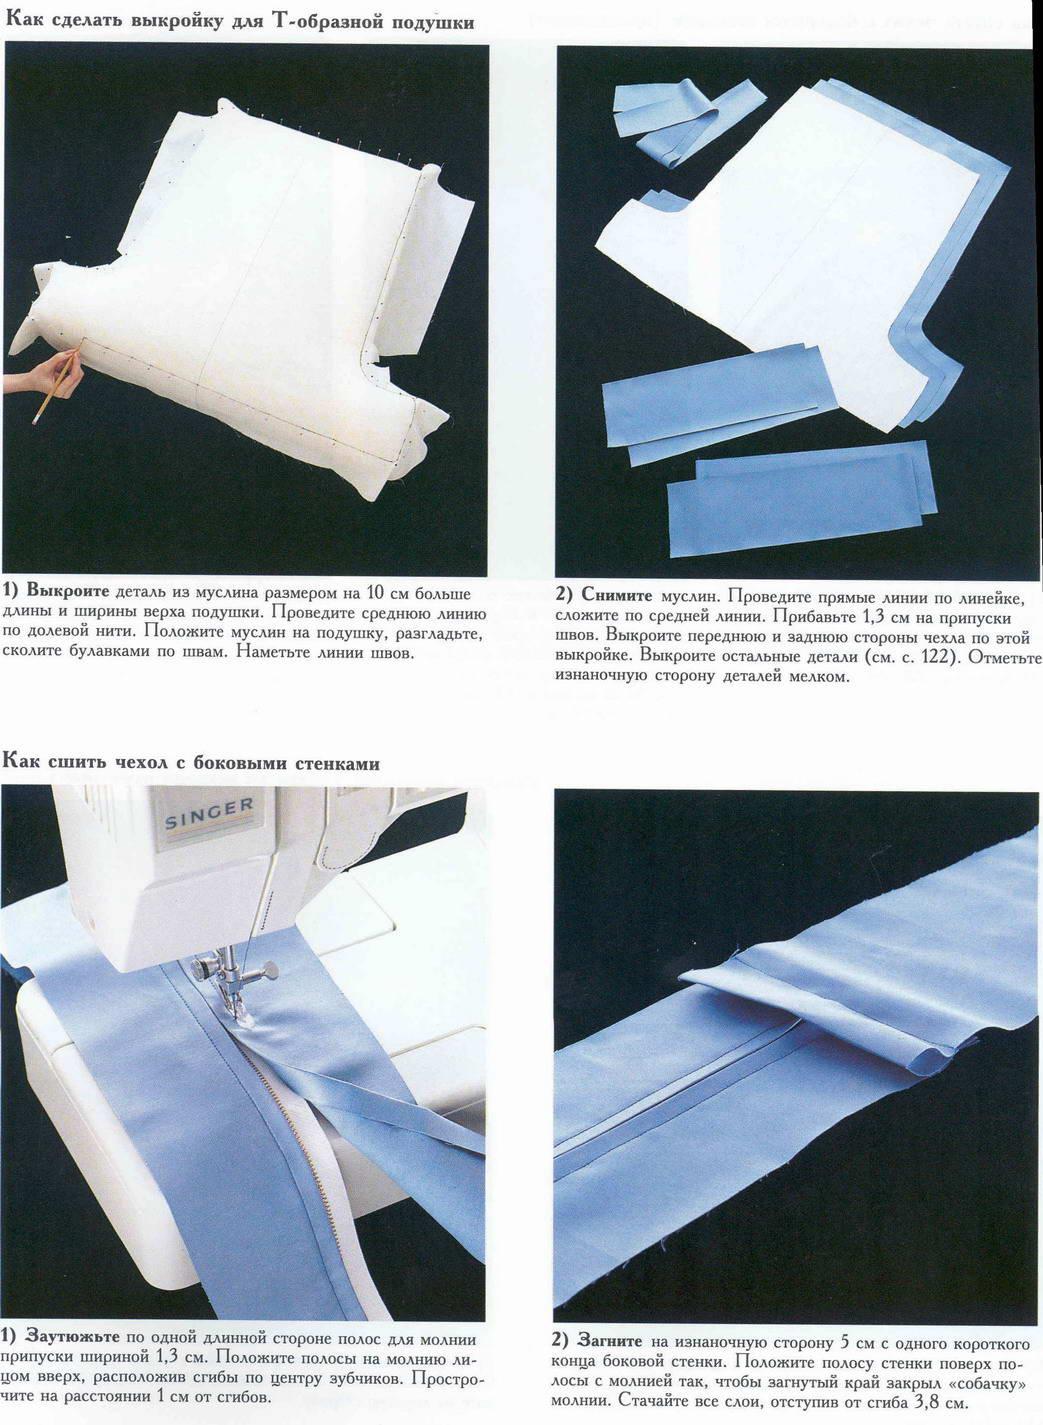 Как сделать выкройку на чехол для кресла